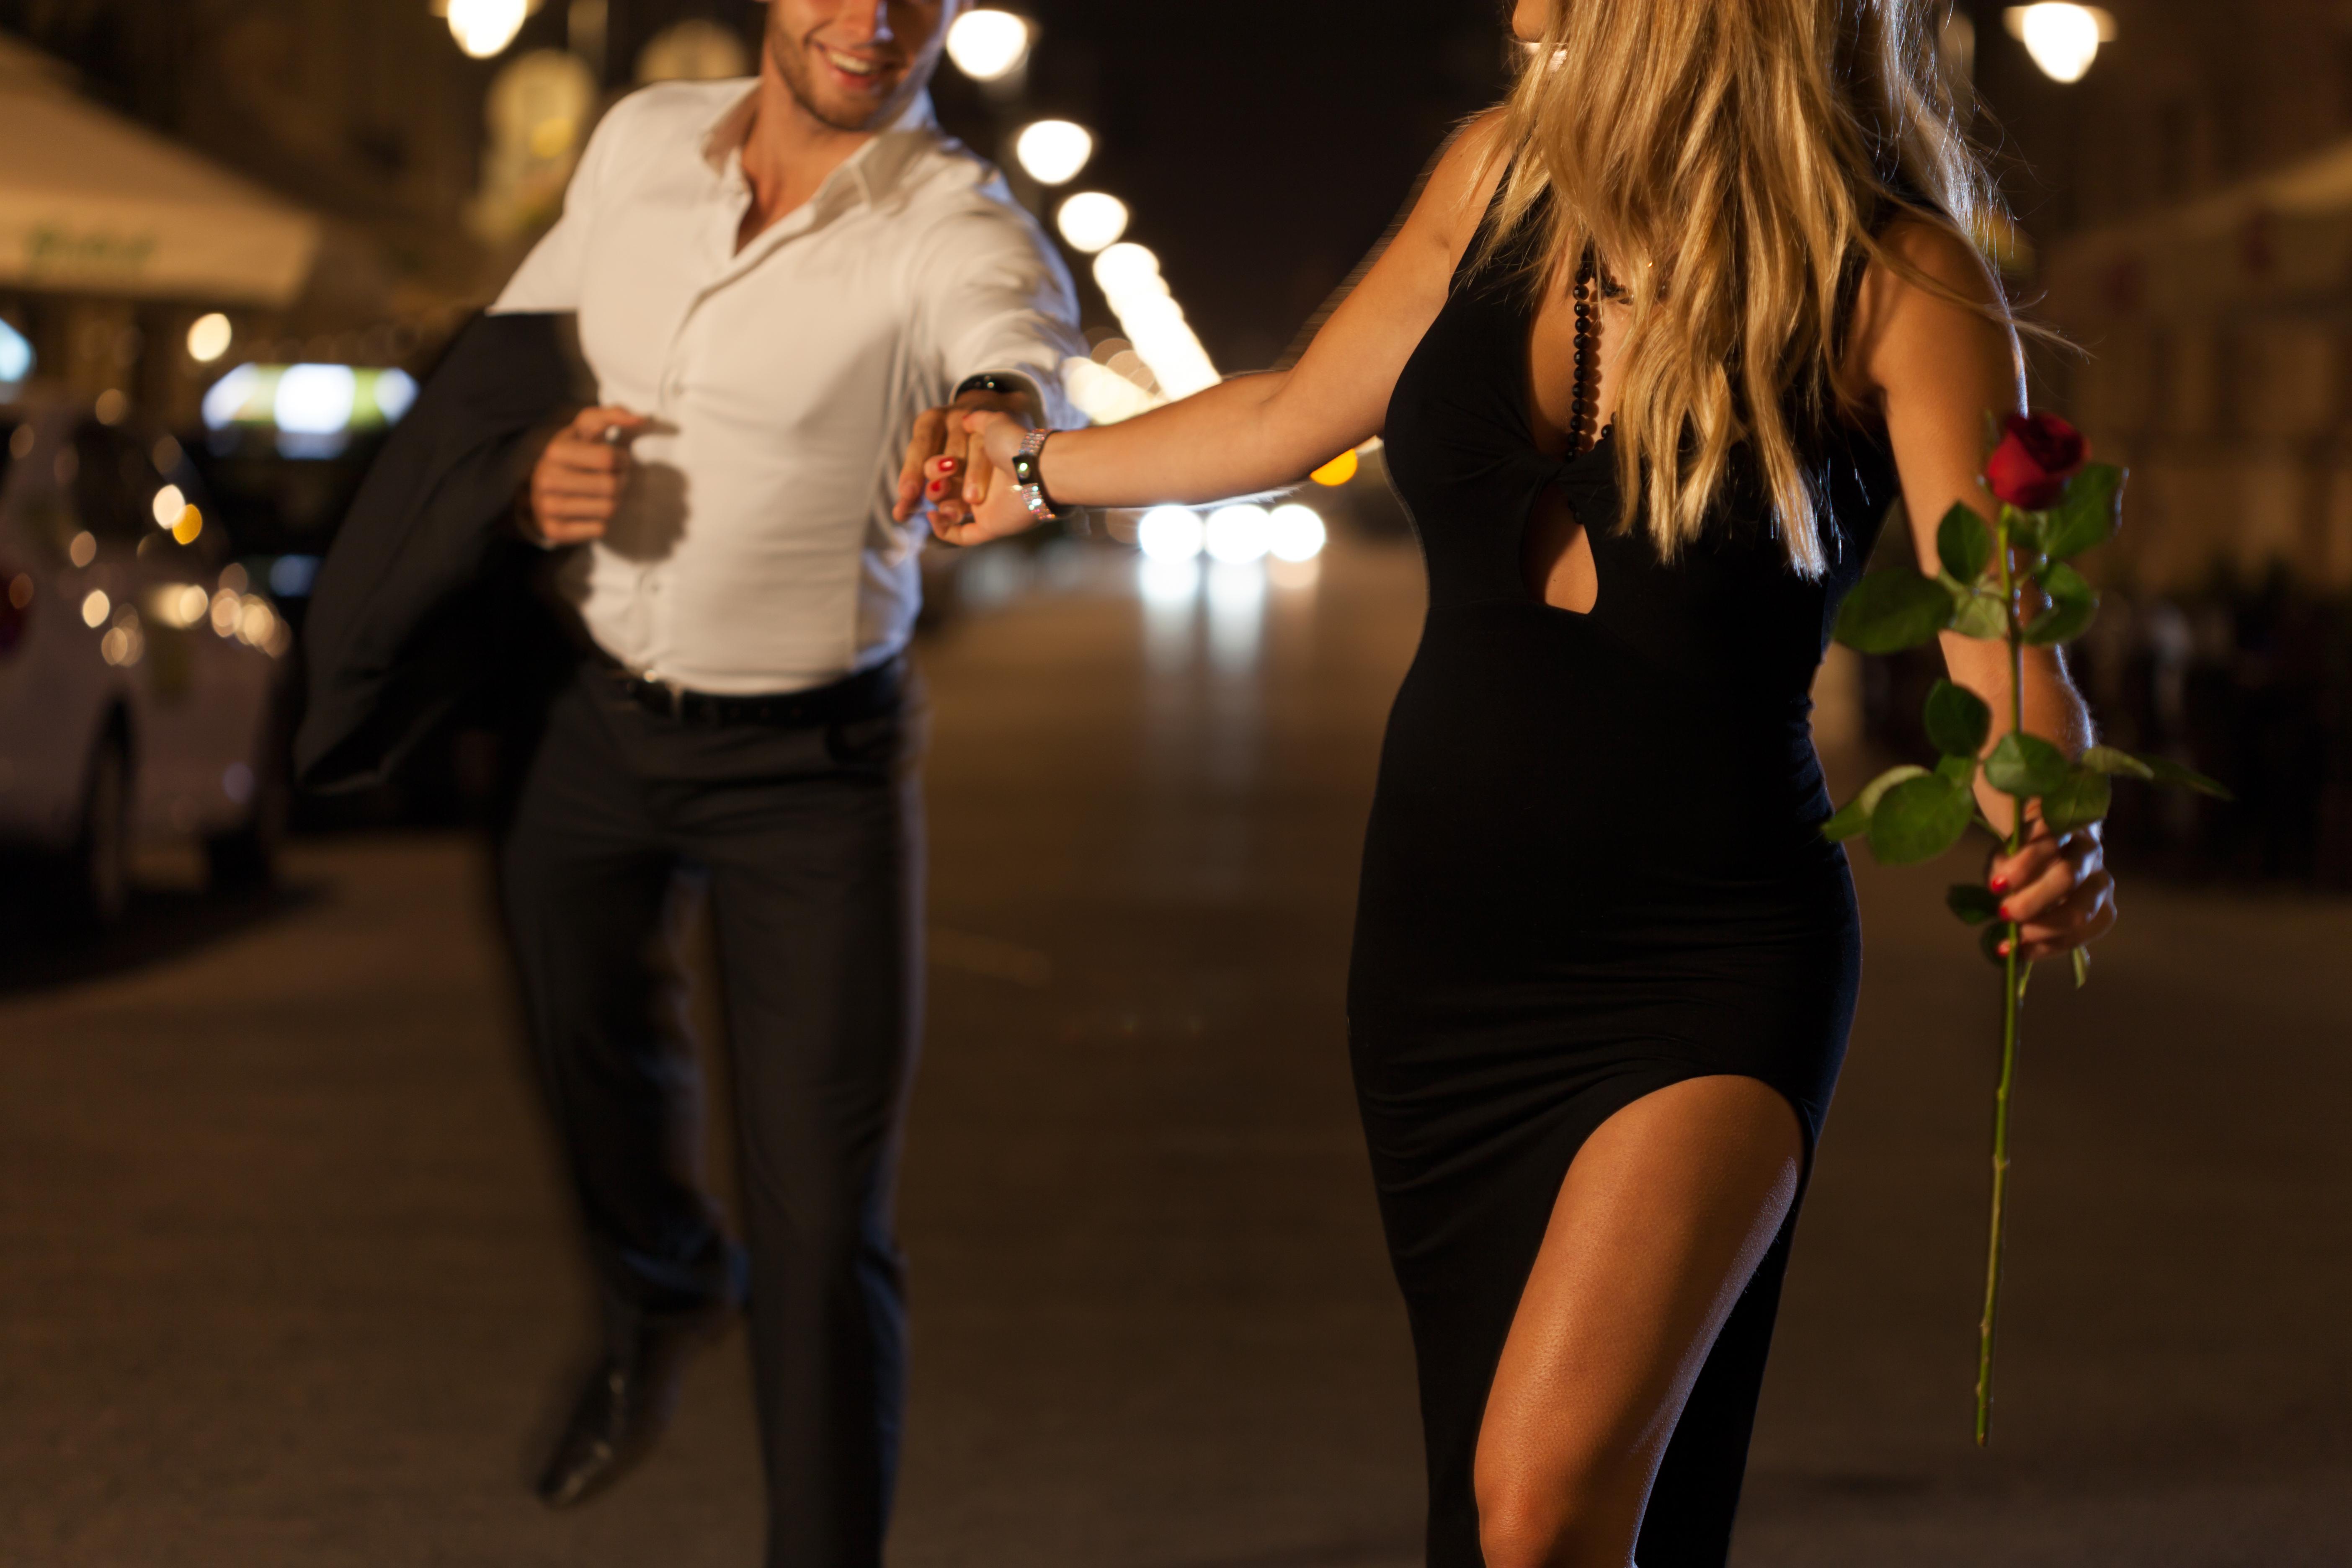 couple_reenacting_movie_scene